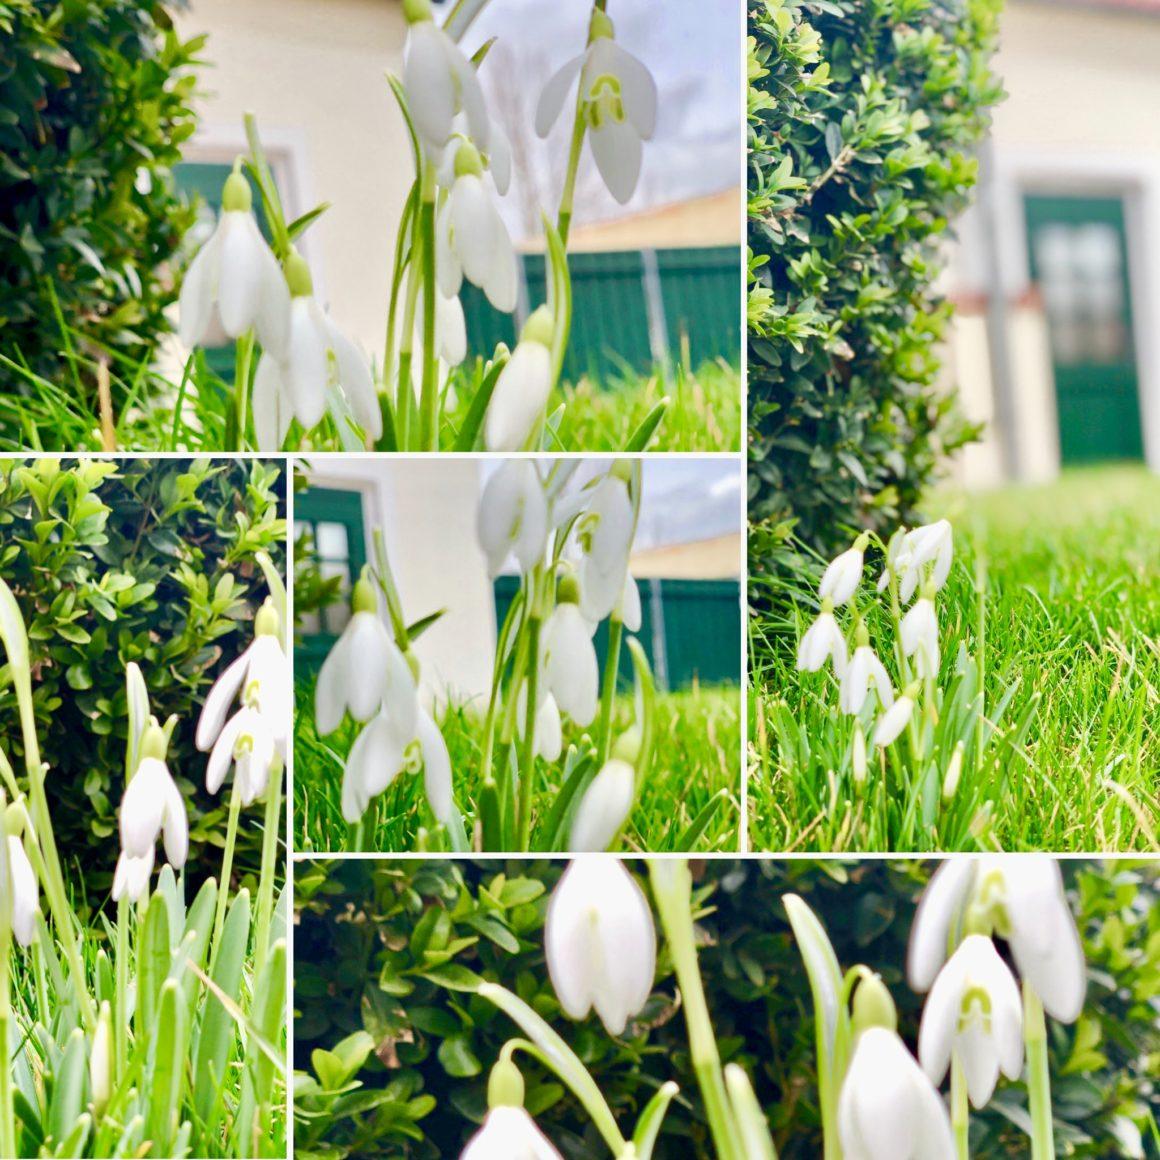 Frühlingsgrüsse aus dem Pottkuchen